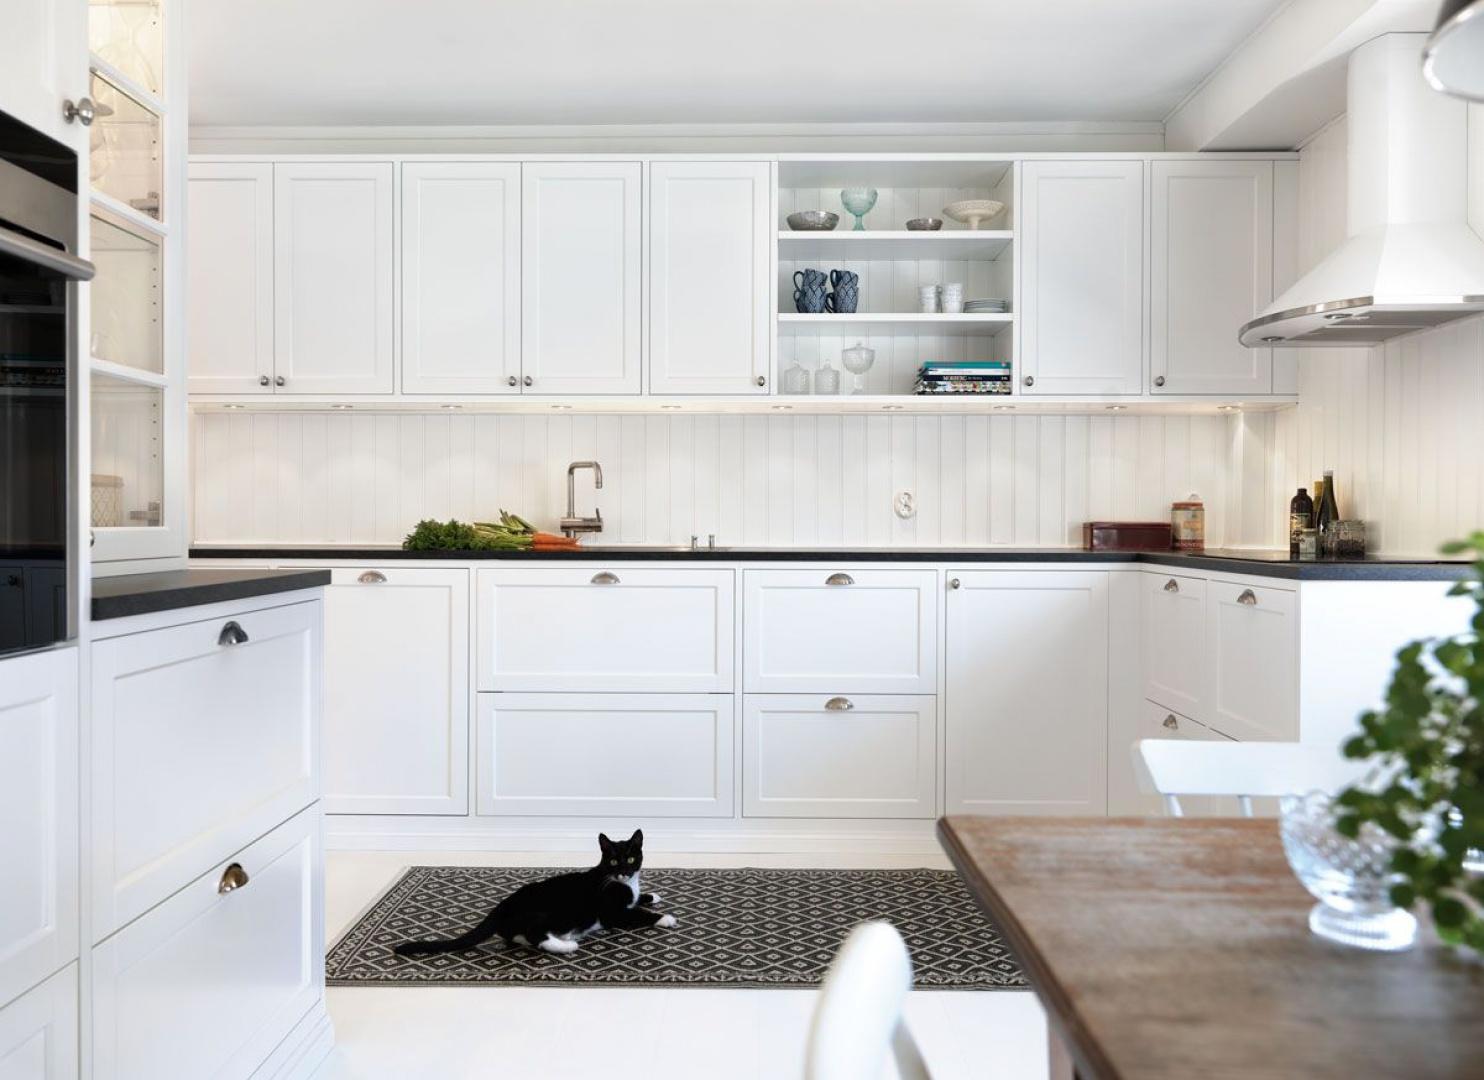 Meble szwedzkiej firmy to skandynawska stylistyka i elegancja. Zamiast blatu w kolorze jasnego drewna mamy jednak do czynienia z bardzo ciemną, niemal czarną powierzchnią roboczą. Fot. Ballingslov